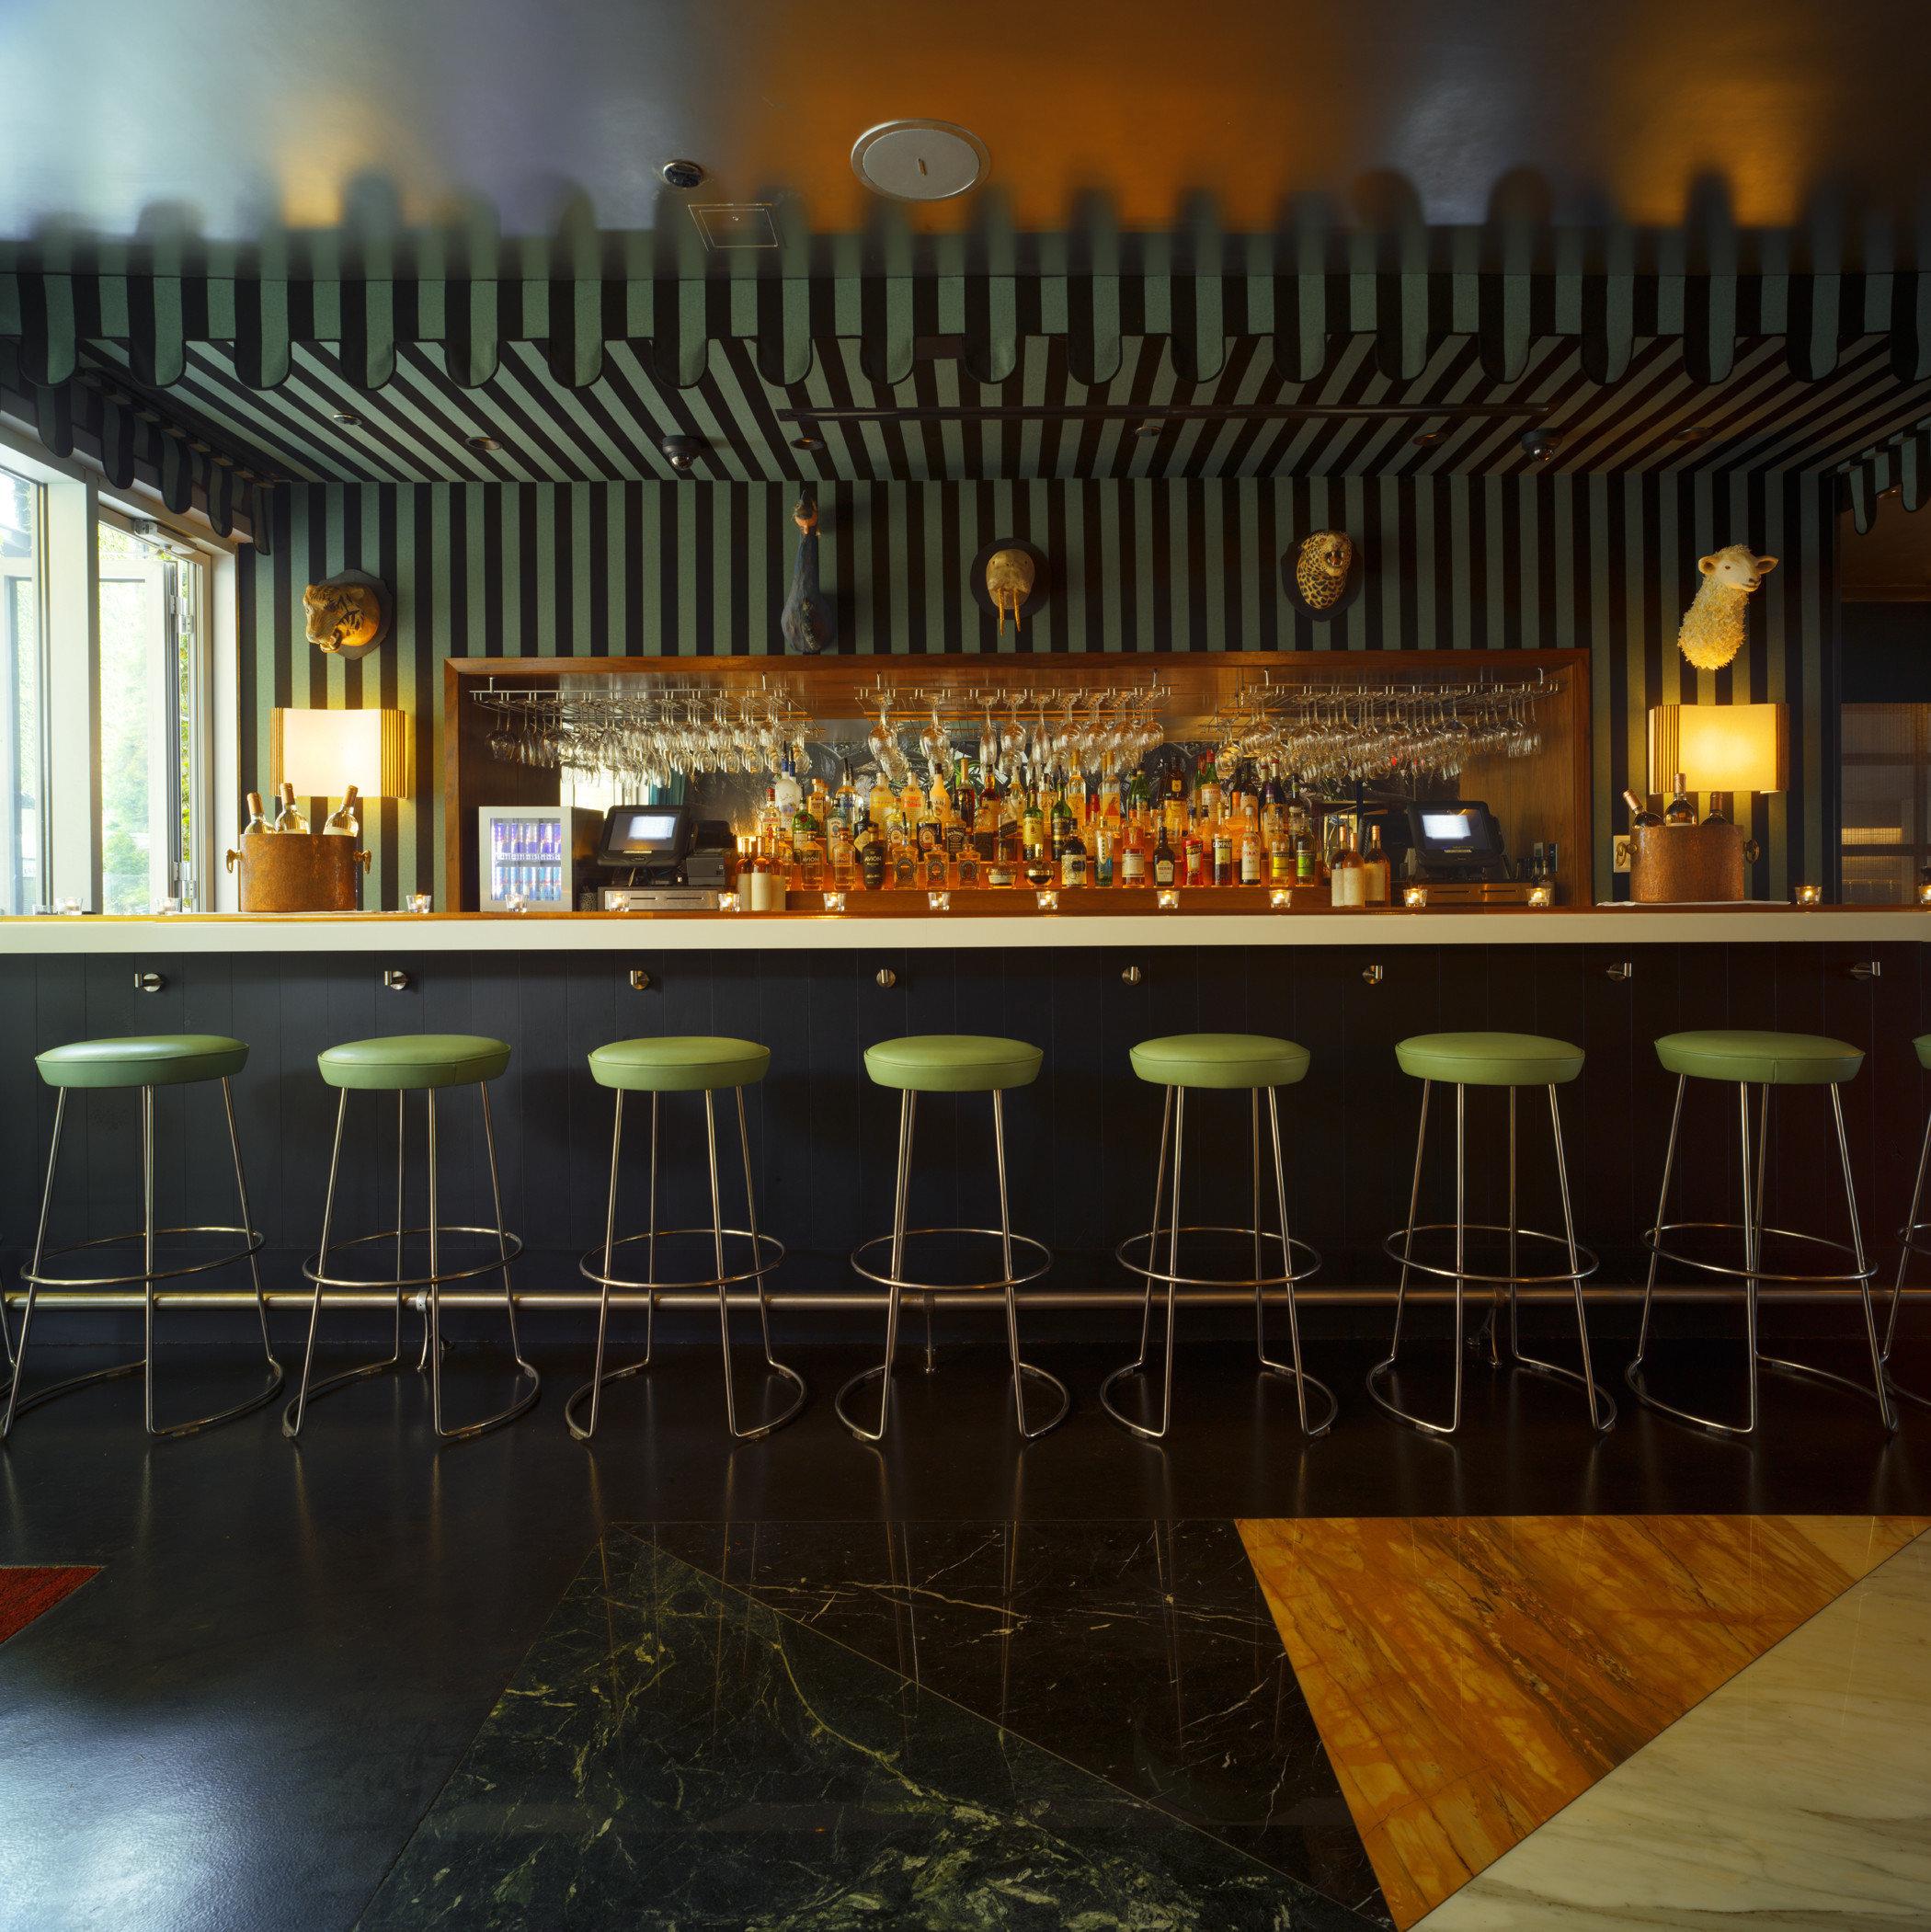 auditorium function hall restaurant Bar ballroom